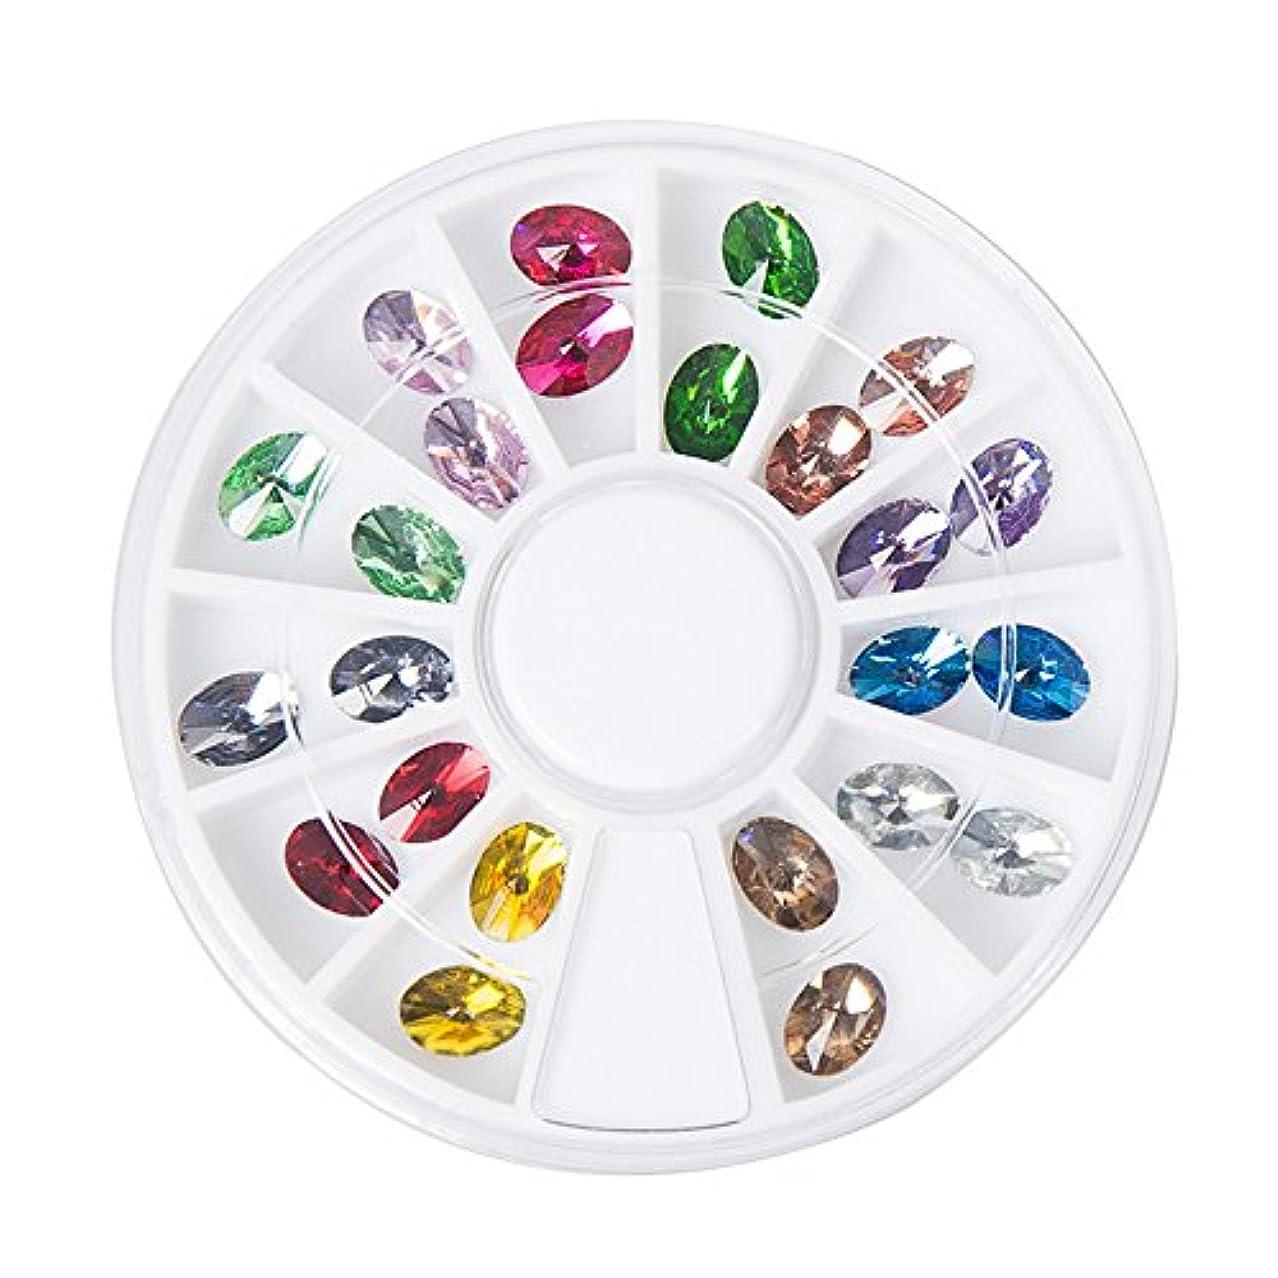 平衡どこにでもマージンジェルネイル ラインストーン アートパーツ パール ハート ダイヤモンド 22種類選択可